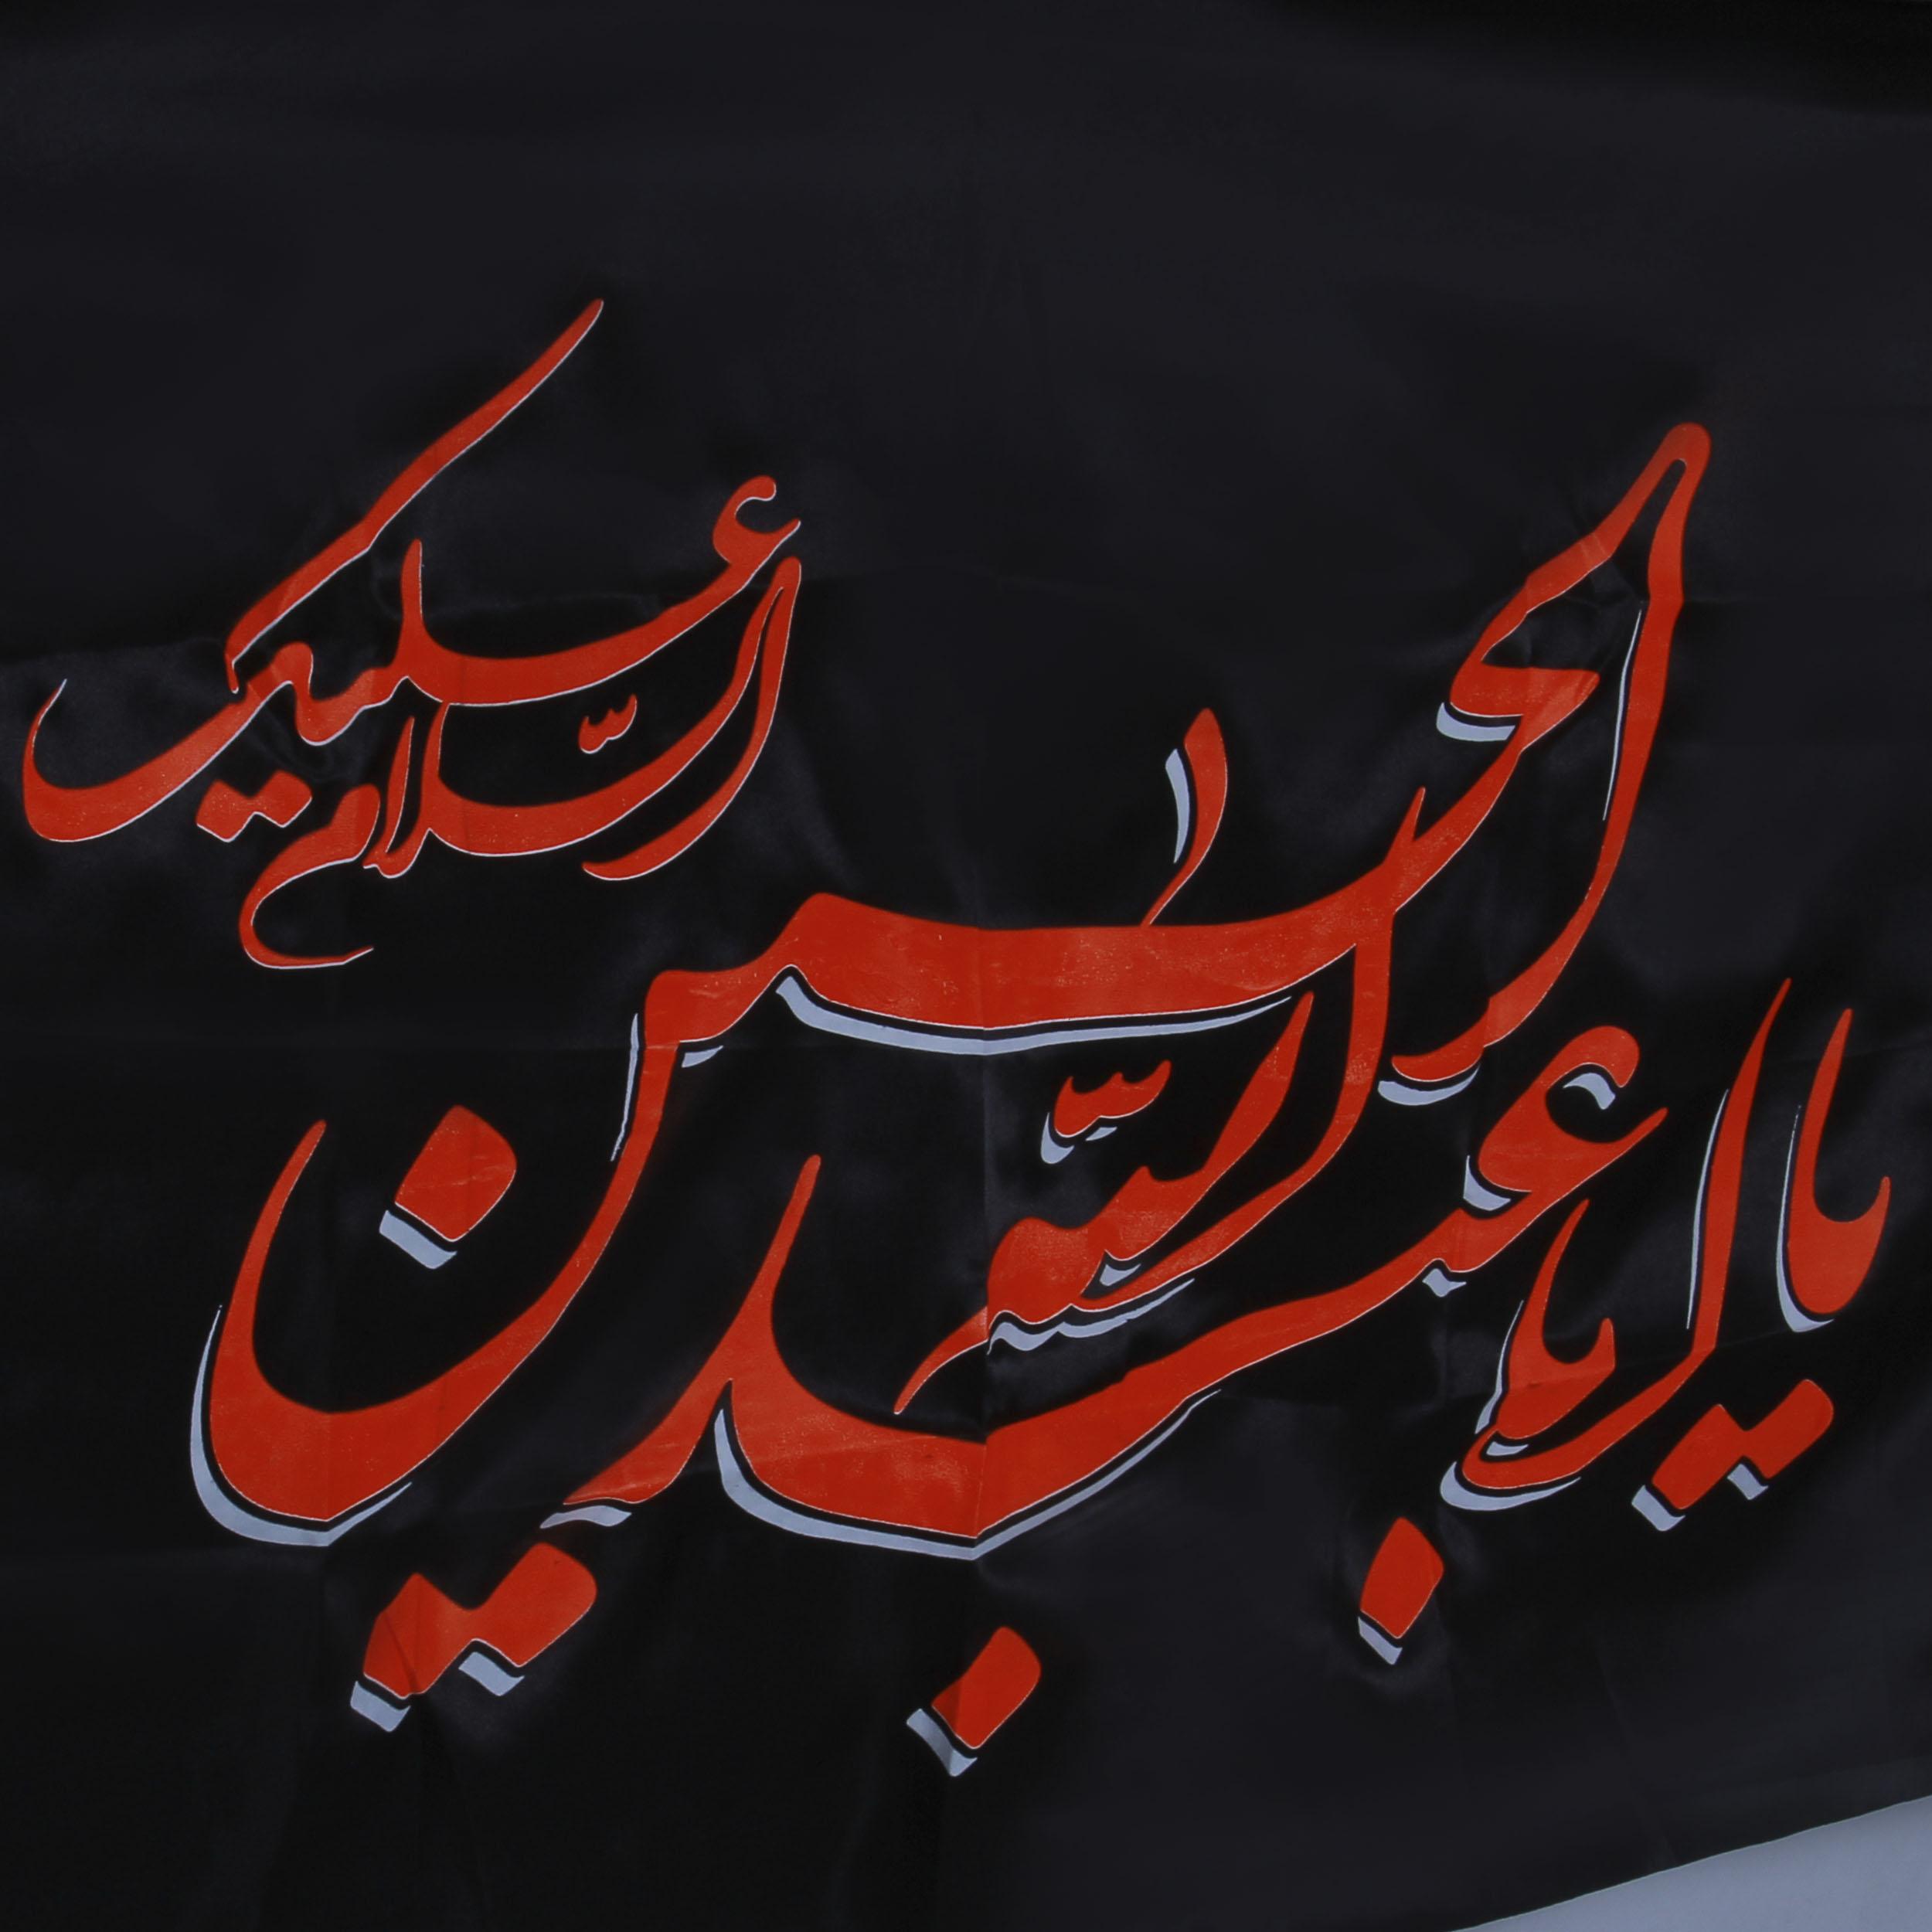 خرید                        پرچم طرح یااباعبدالله الحسین کد PAR-114